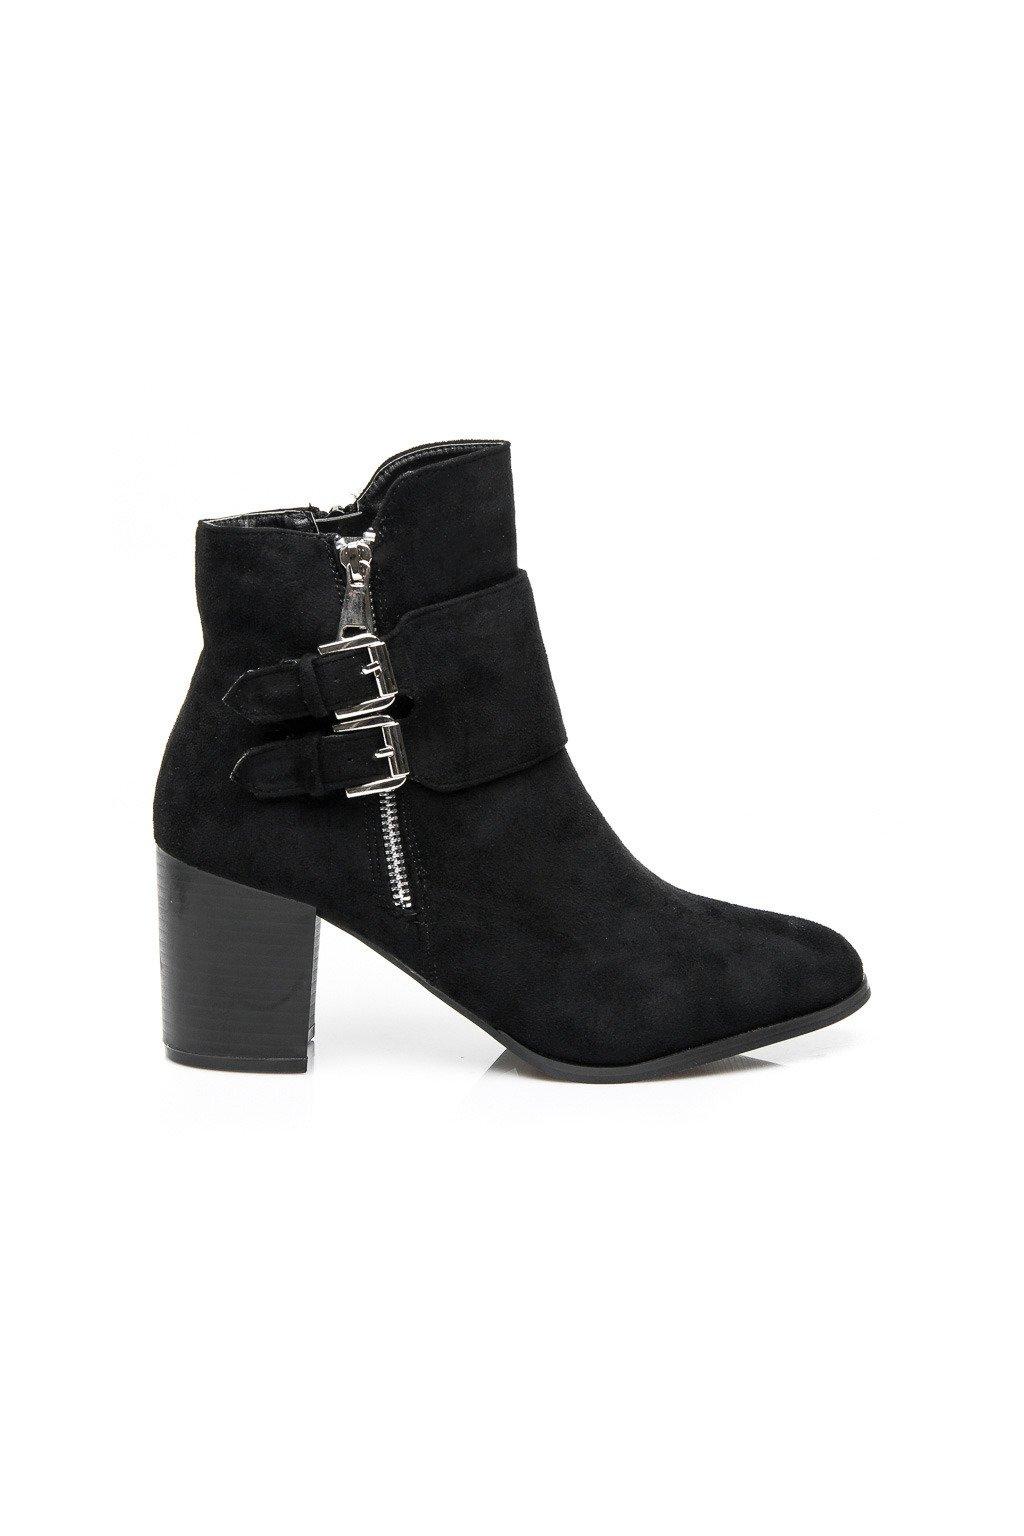 93d52e183 Dámske členkové topánky čierne vojenské čižmy Kylie